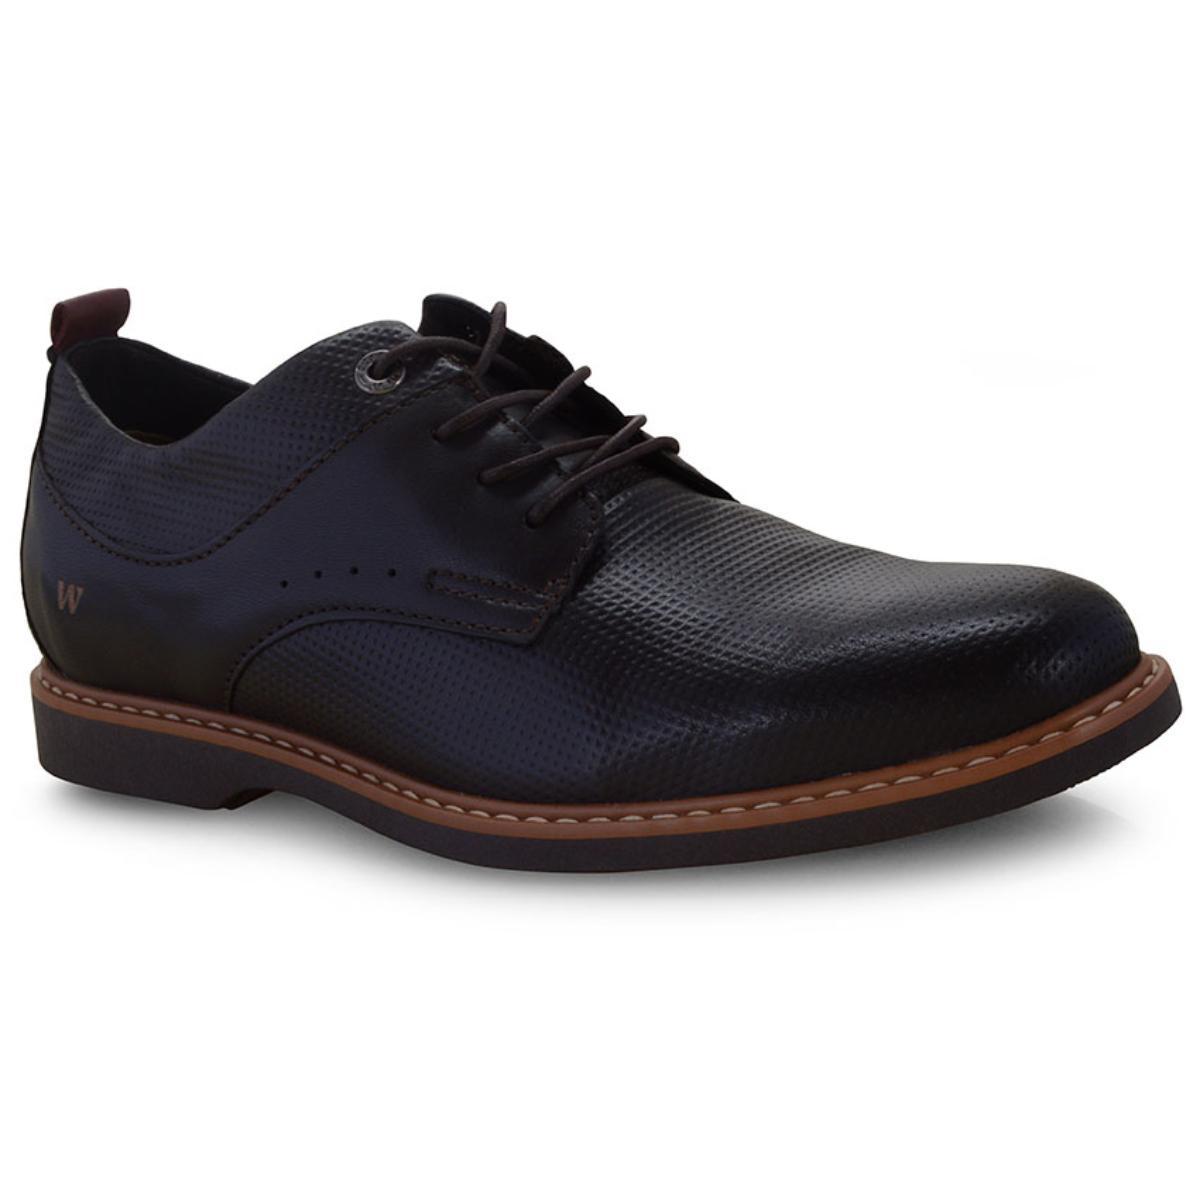 Sapato Masculino West Coast 187201/5 Café/vermelho